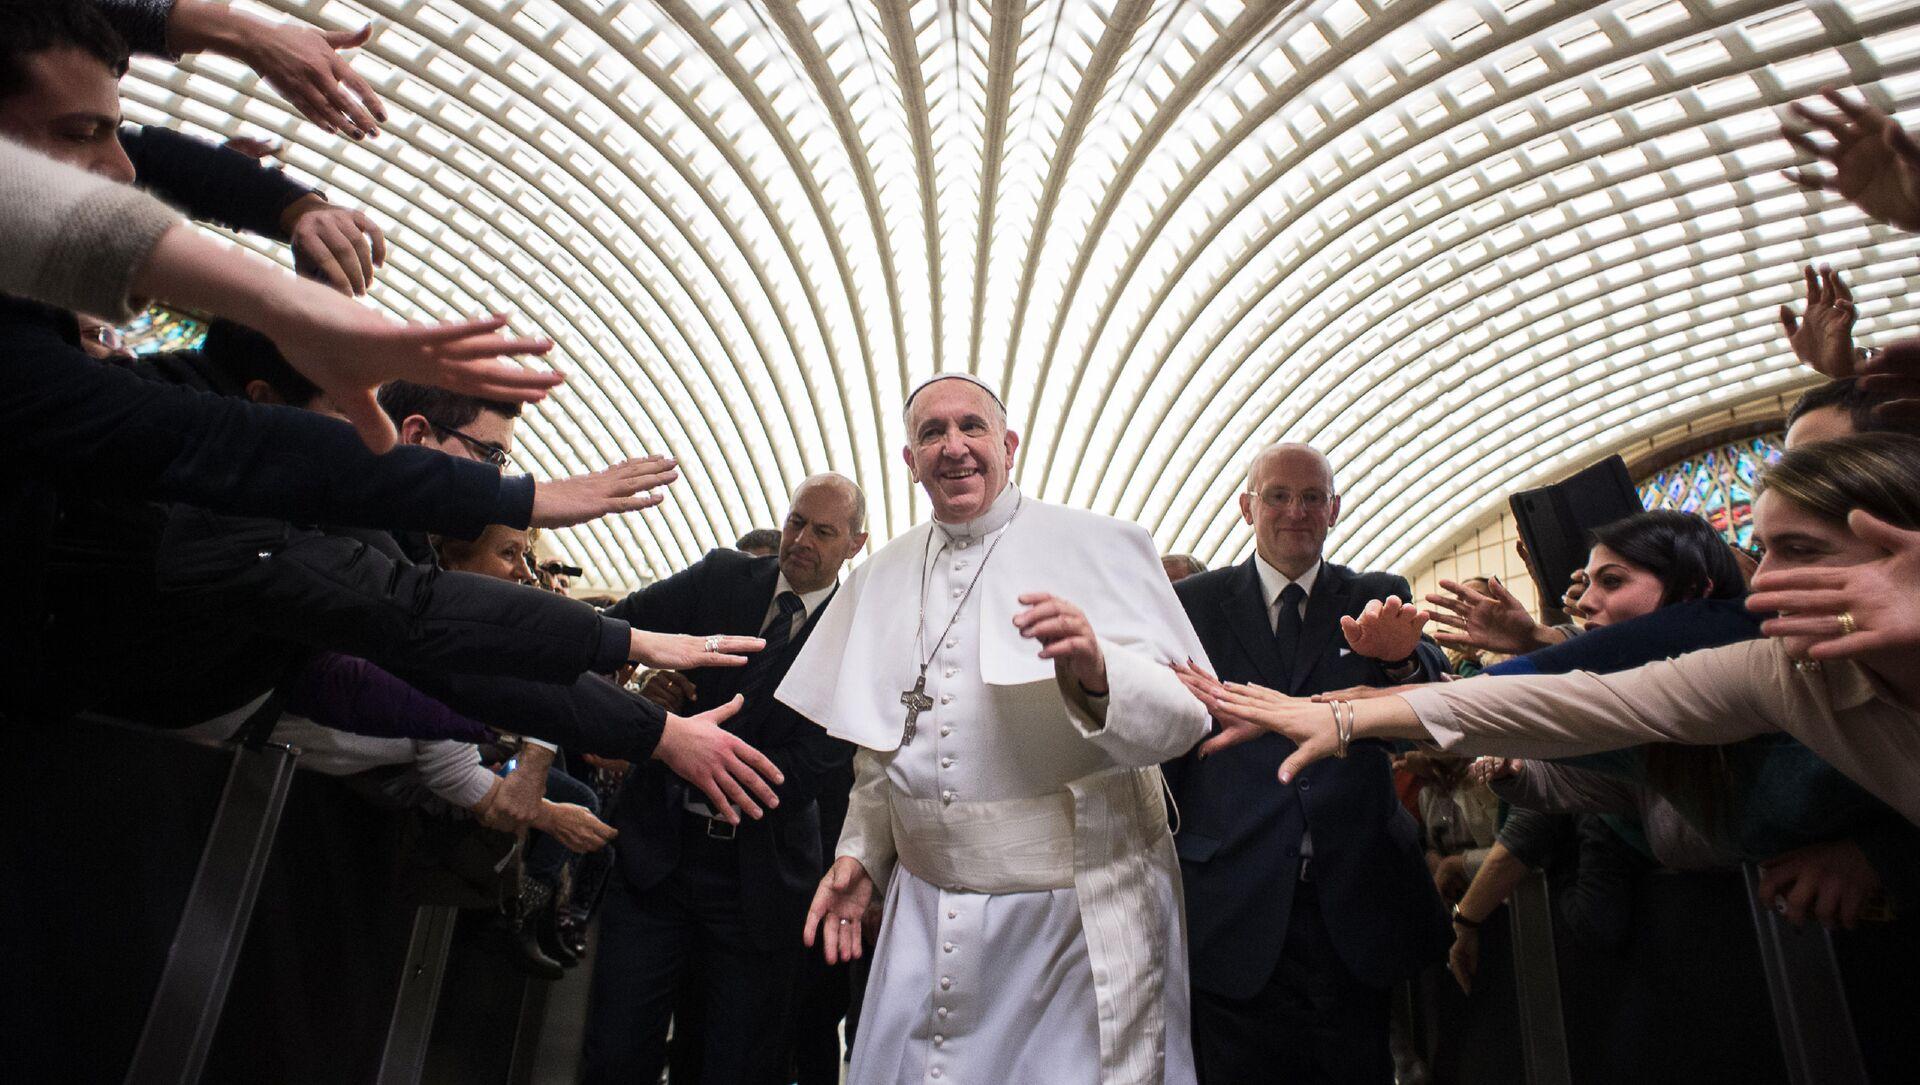 Papież Franciszek w Watykanie, 21 lutego 2015 - Sputnik Polska, 1920, 29.03.2021